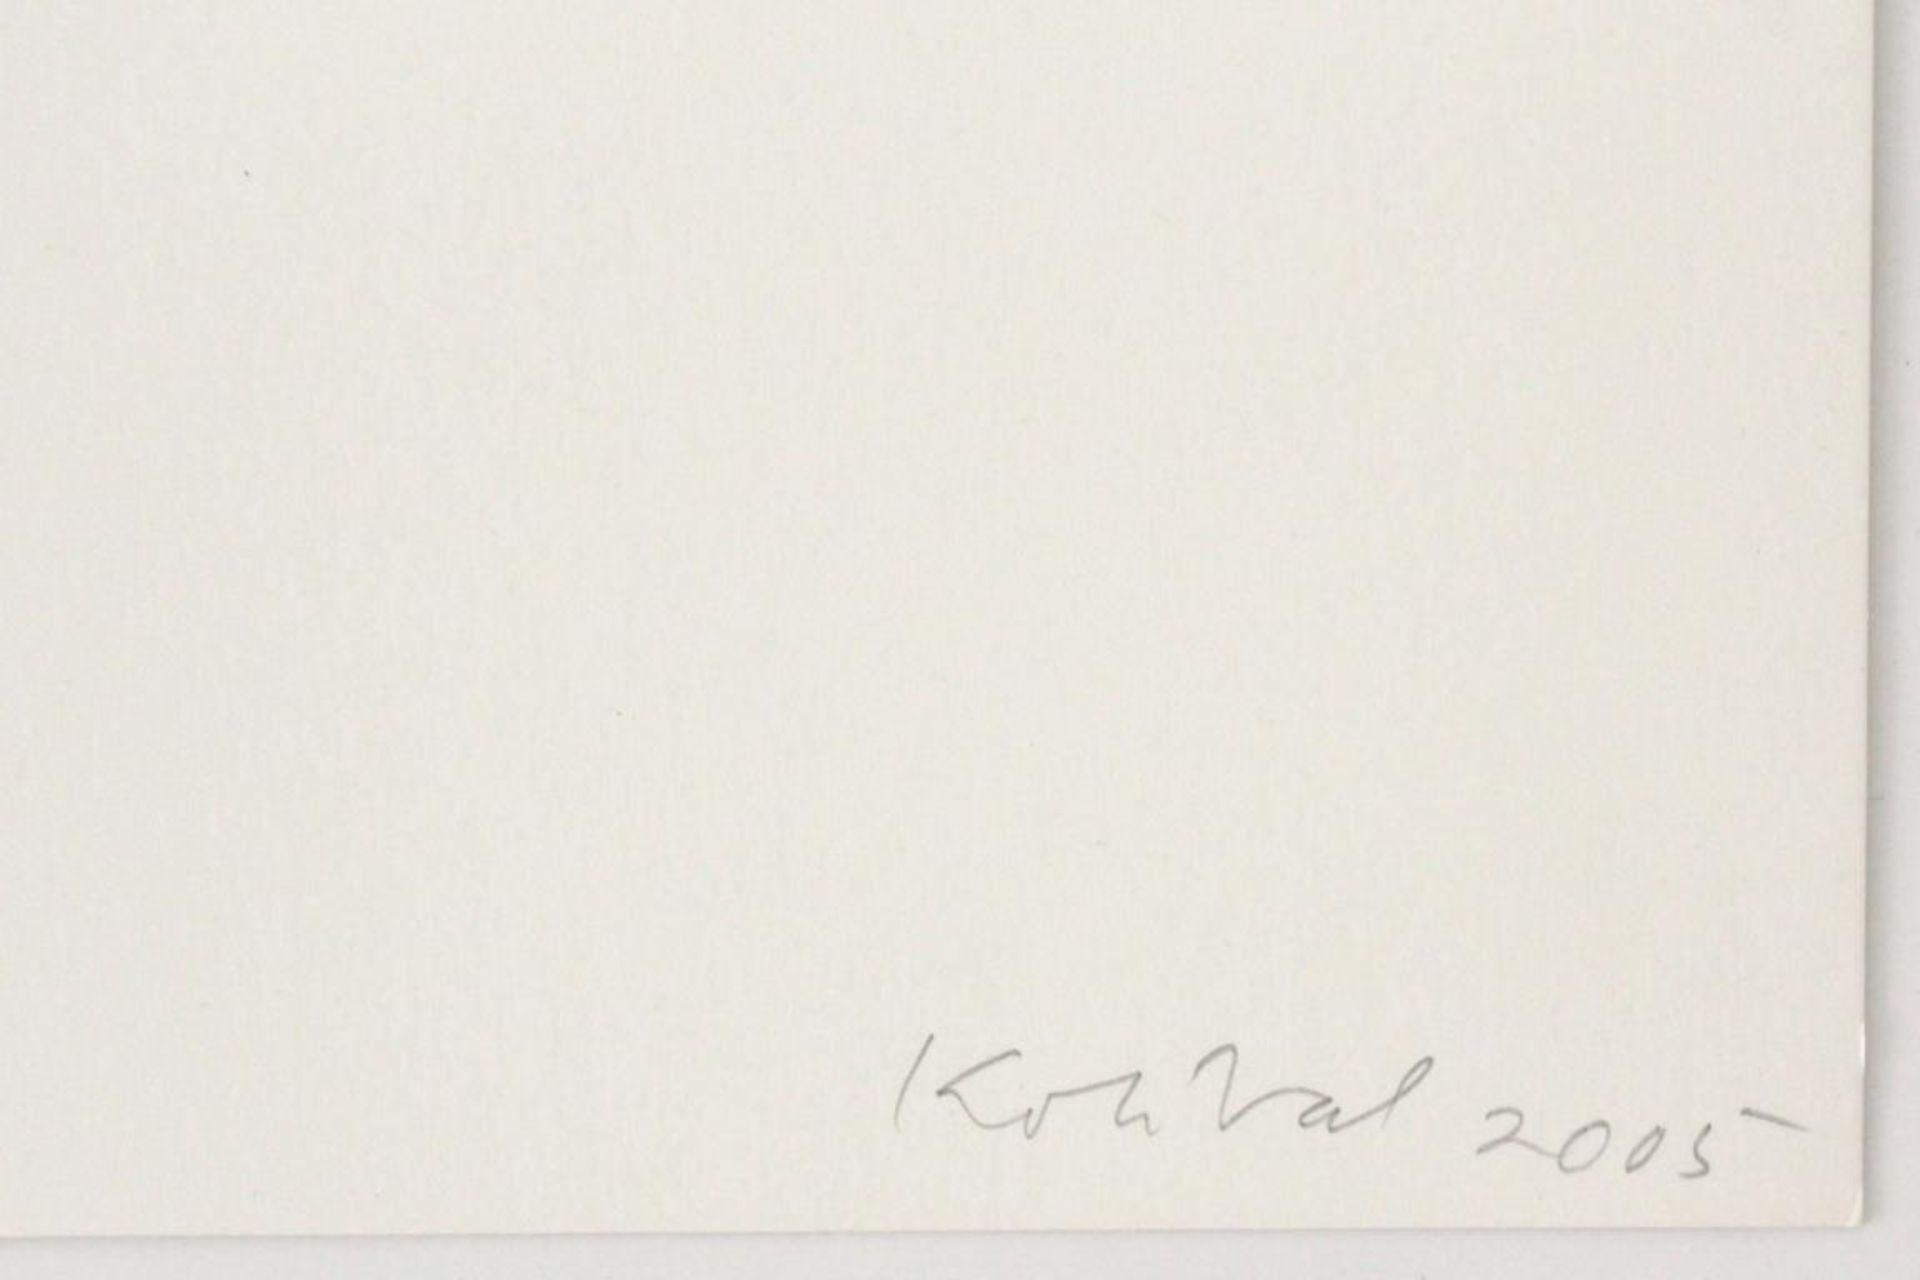 Kolibal Stanislav (geb. 1925) Ohne Titel 2005 Siebdruck handsigniert, datiert und nummeriert 117/ - Bild 2 aus 3